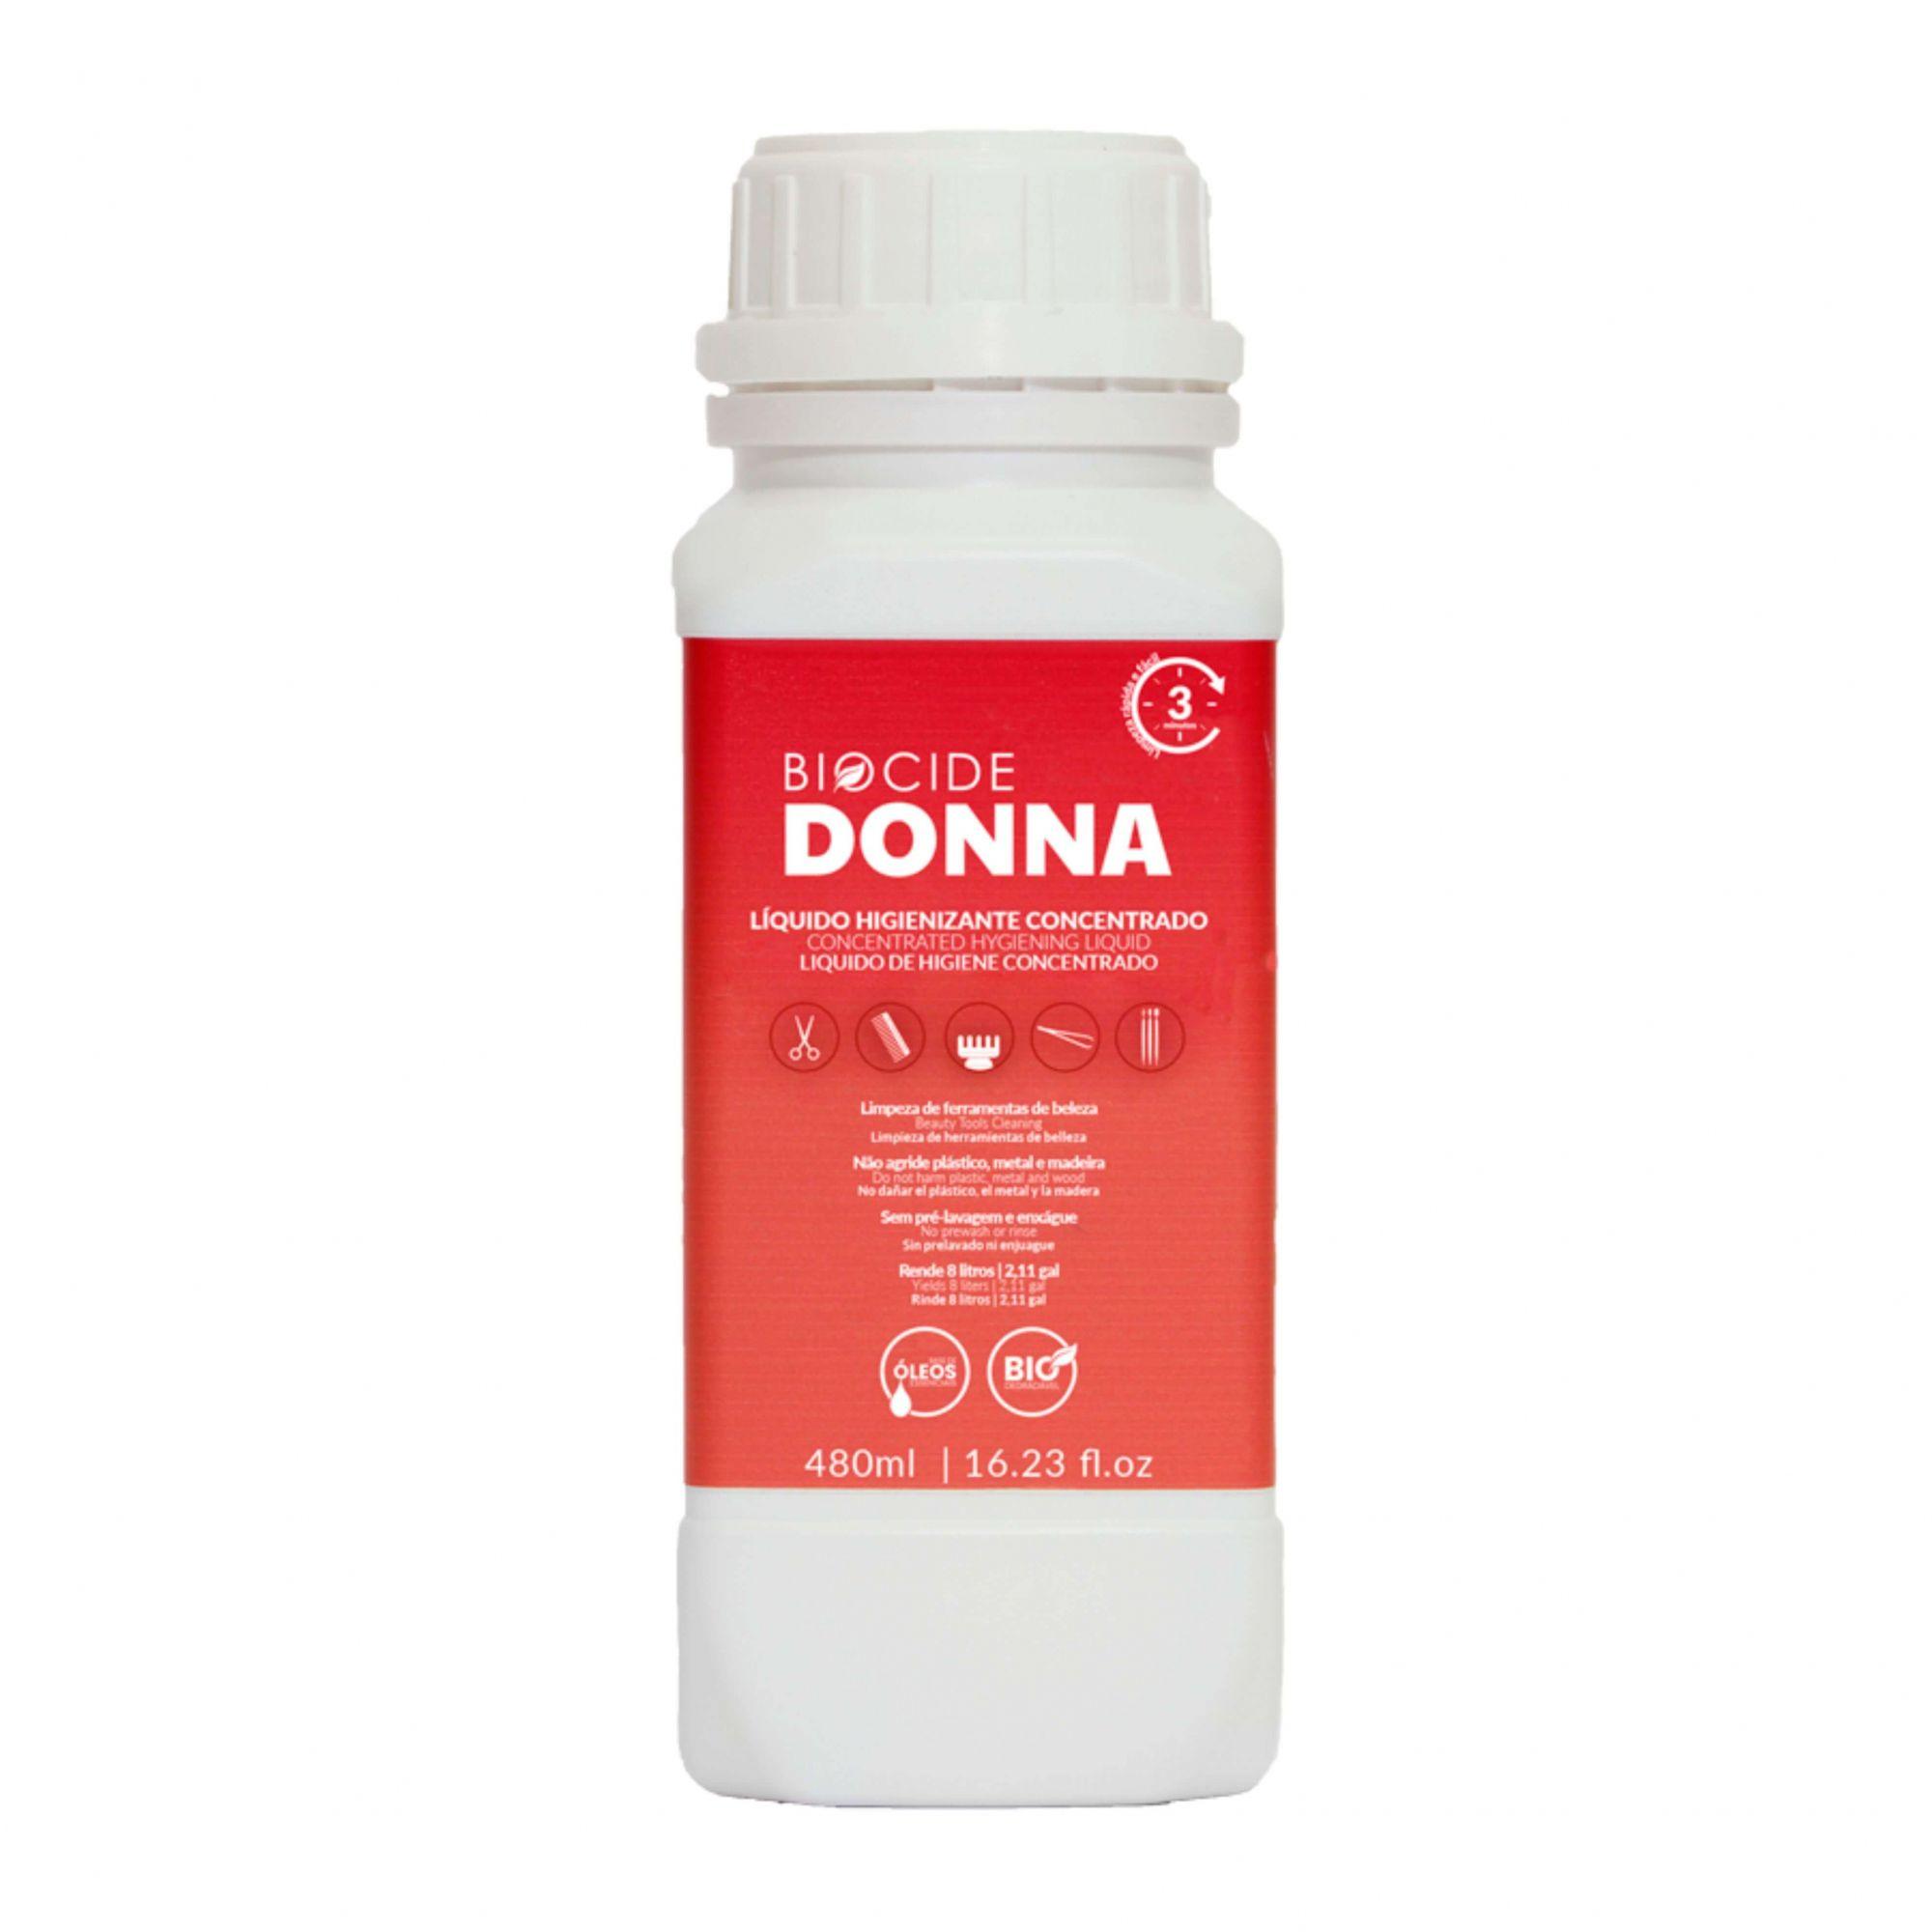 Biocide donna liquido higienizante concentrado 480 ml